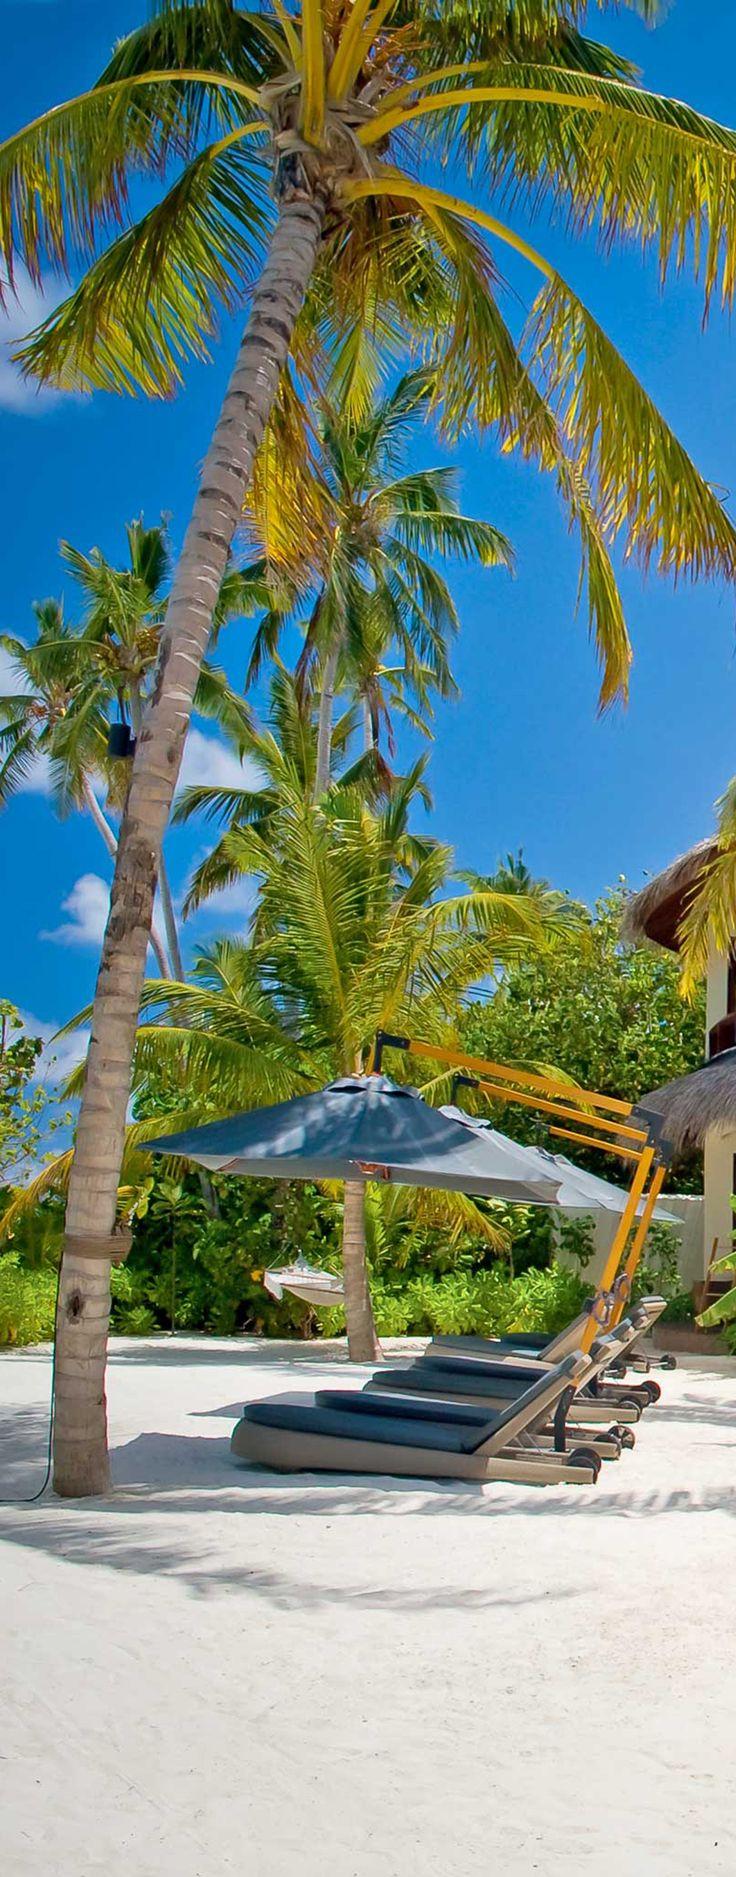 Take me to Maldives!